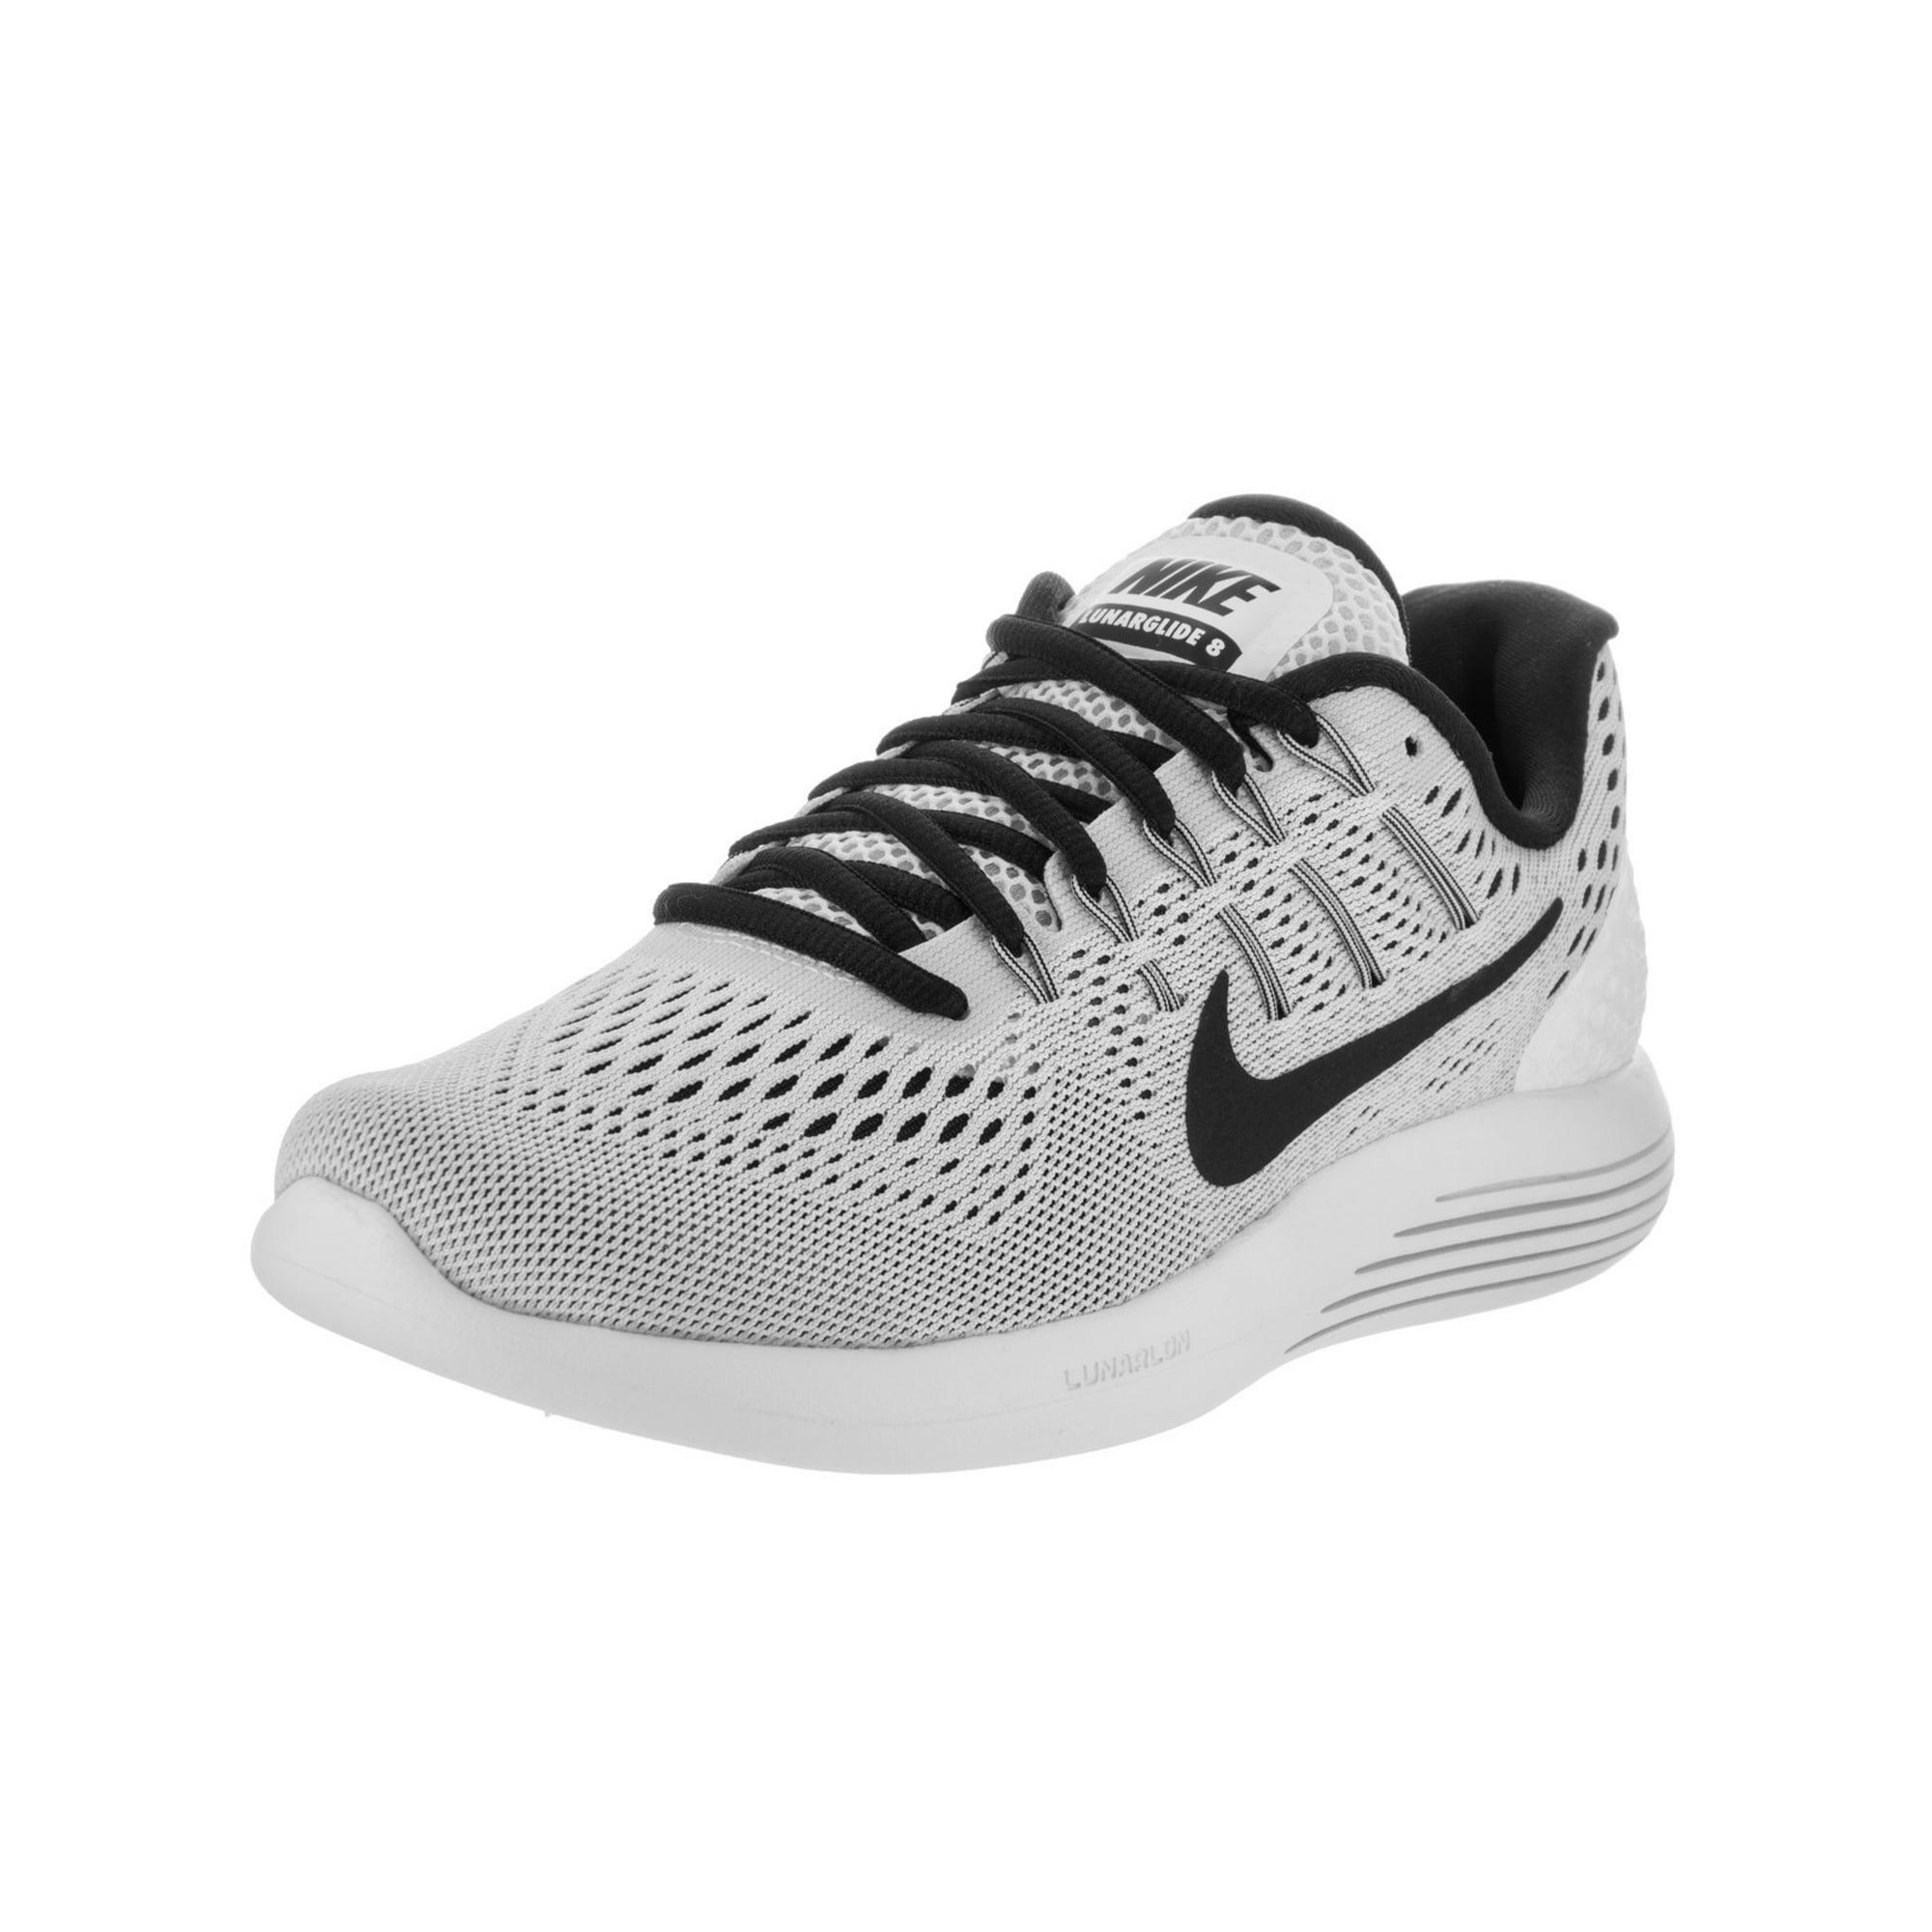 155699bf07a7 Nike Women s Lunarglide 8 Running Shoe